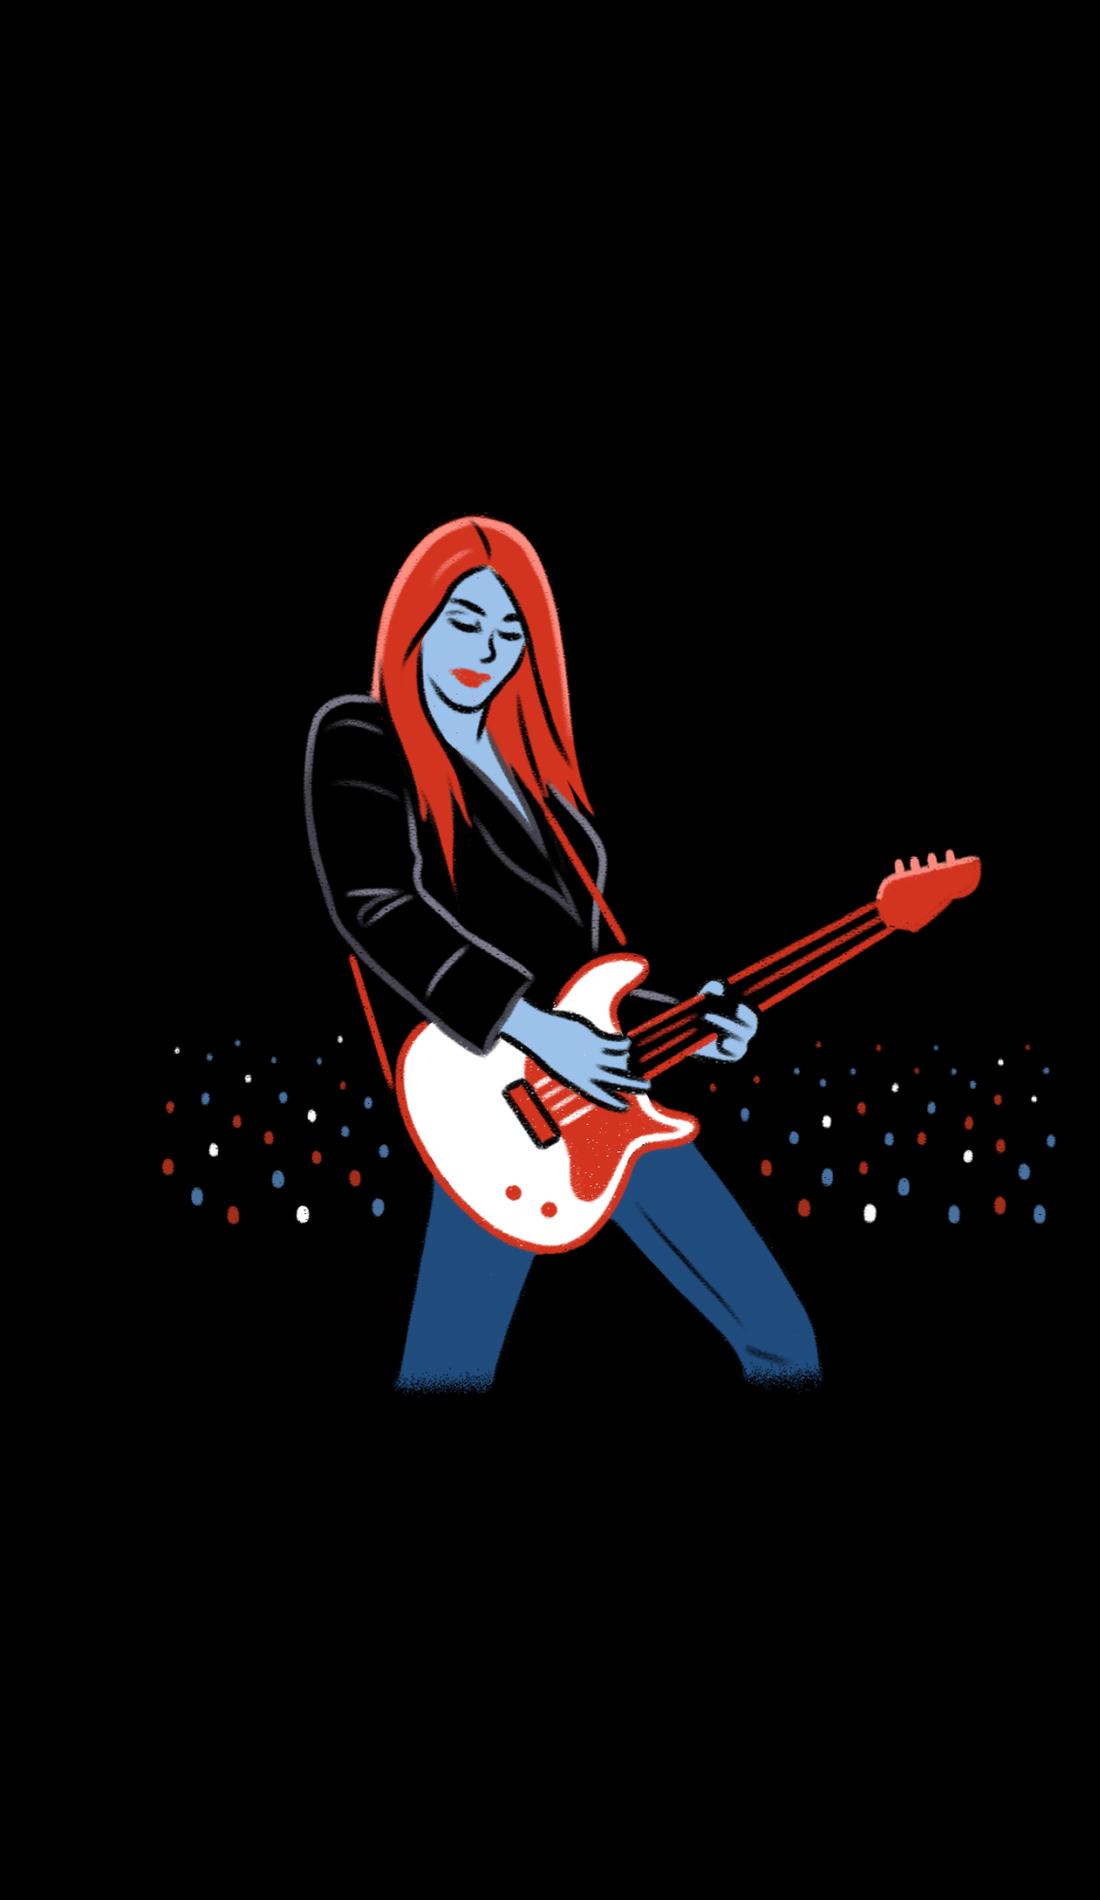 A Technasia live event